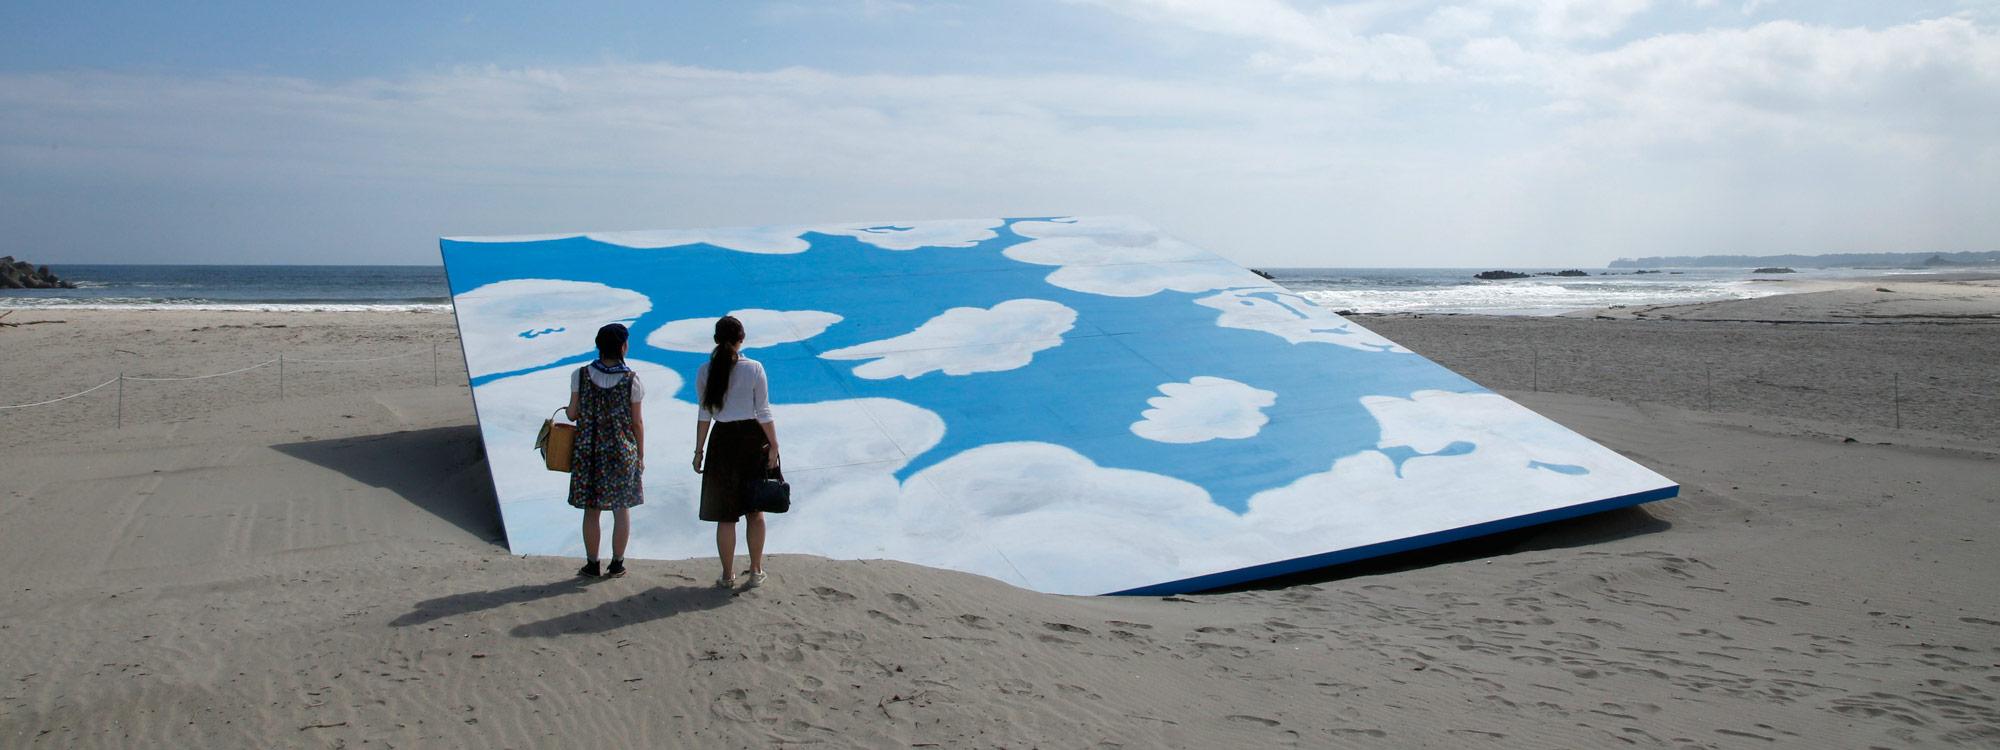 KENPOKU ART: Seaside Area